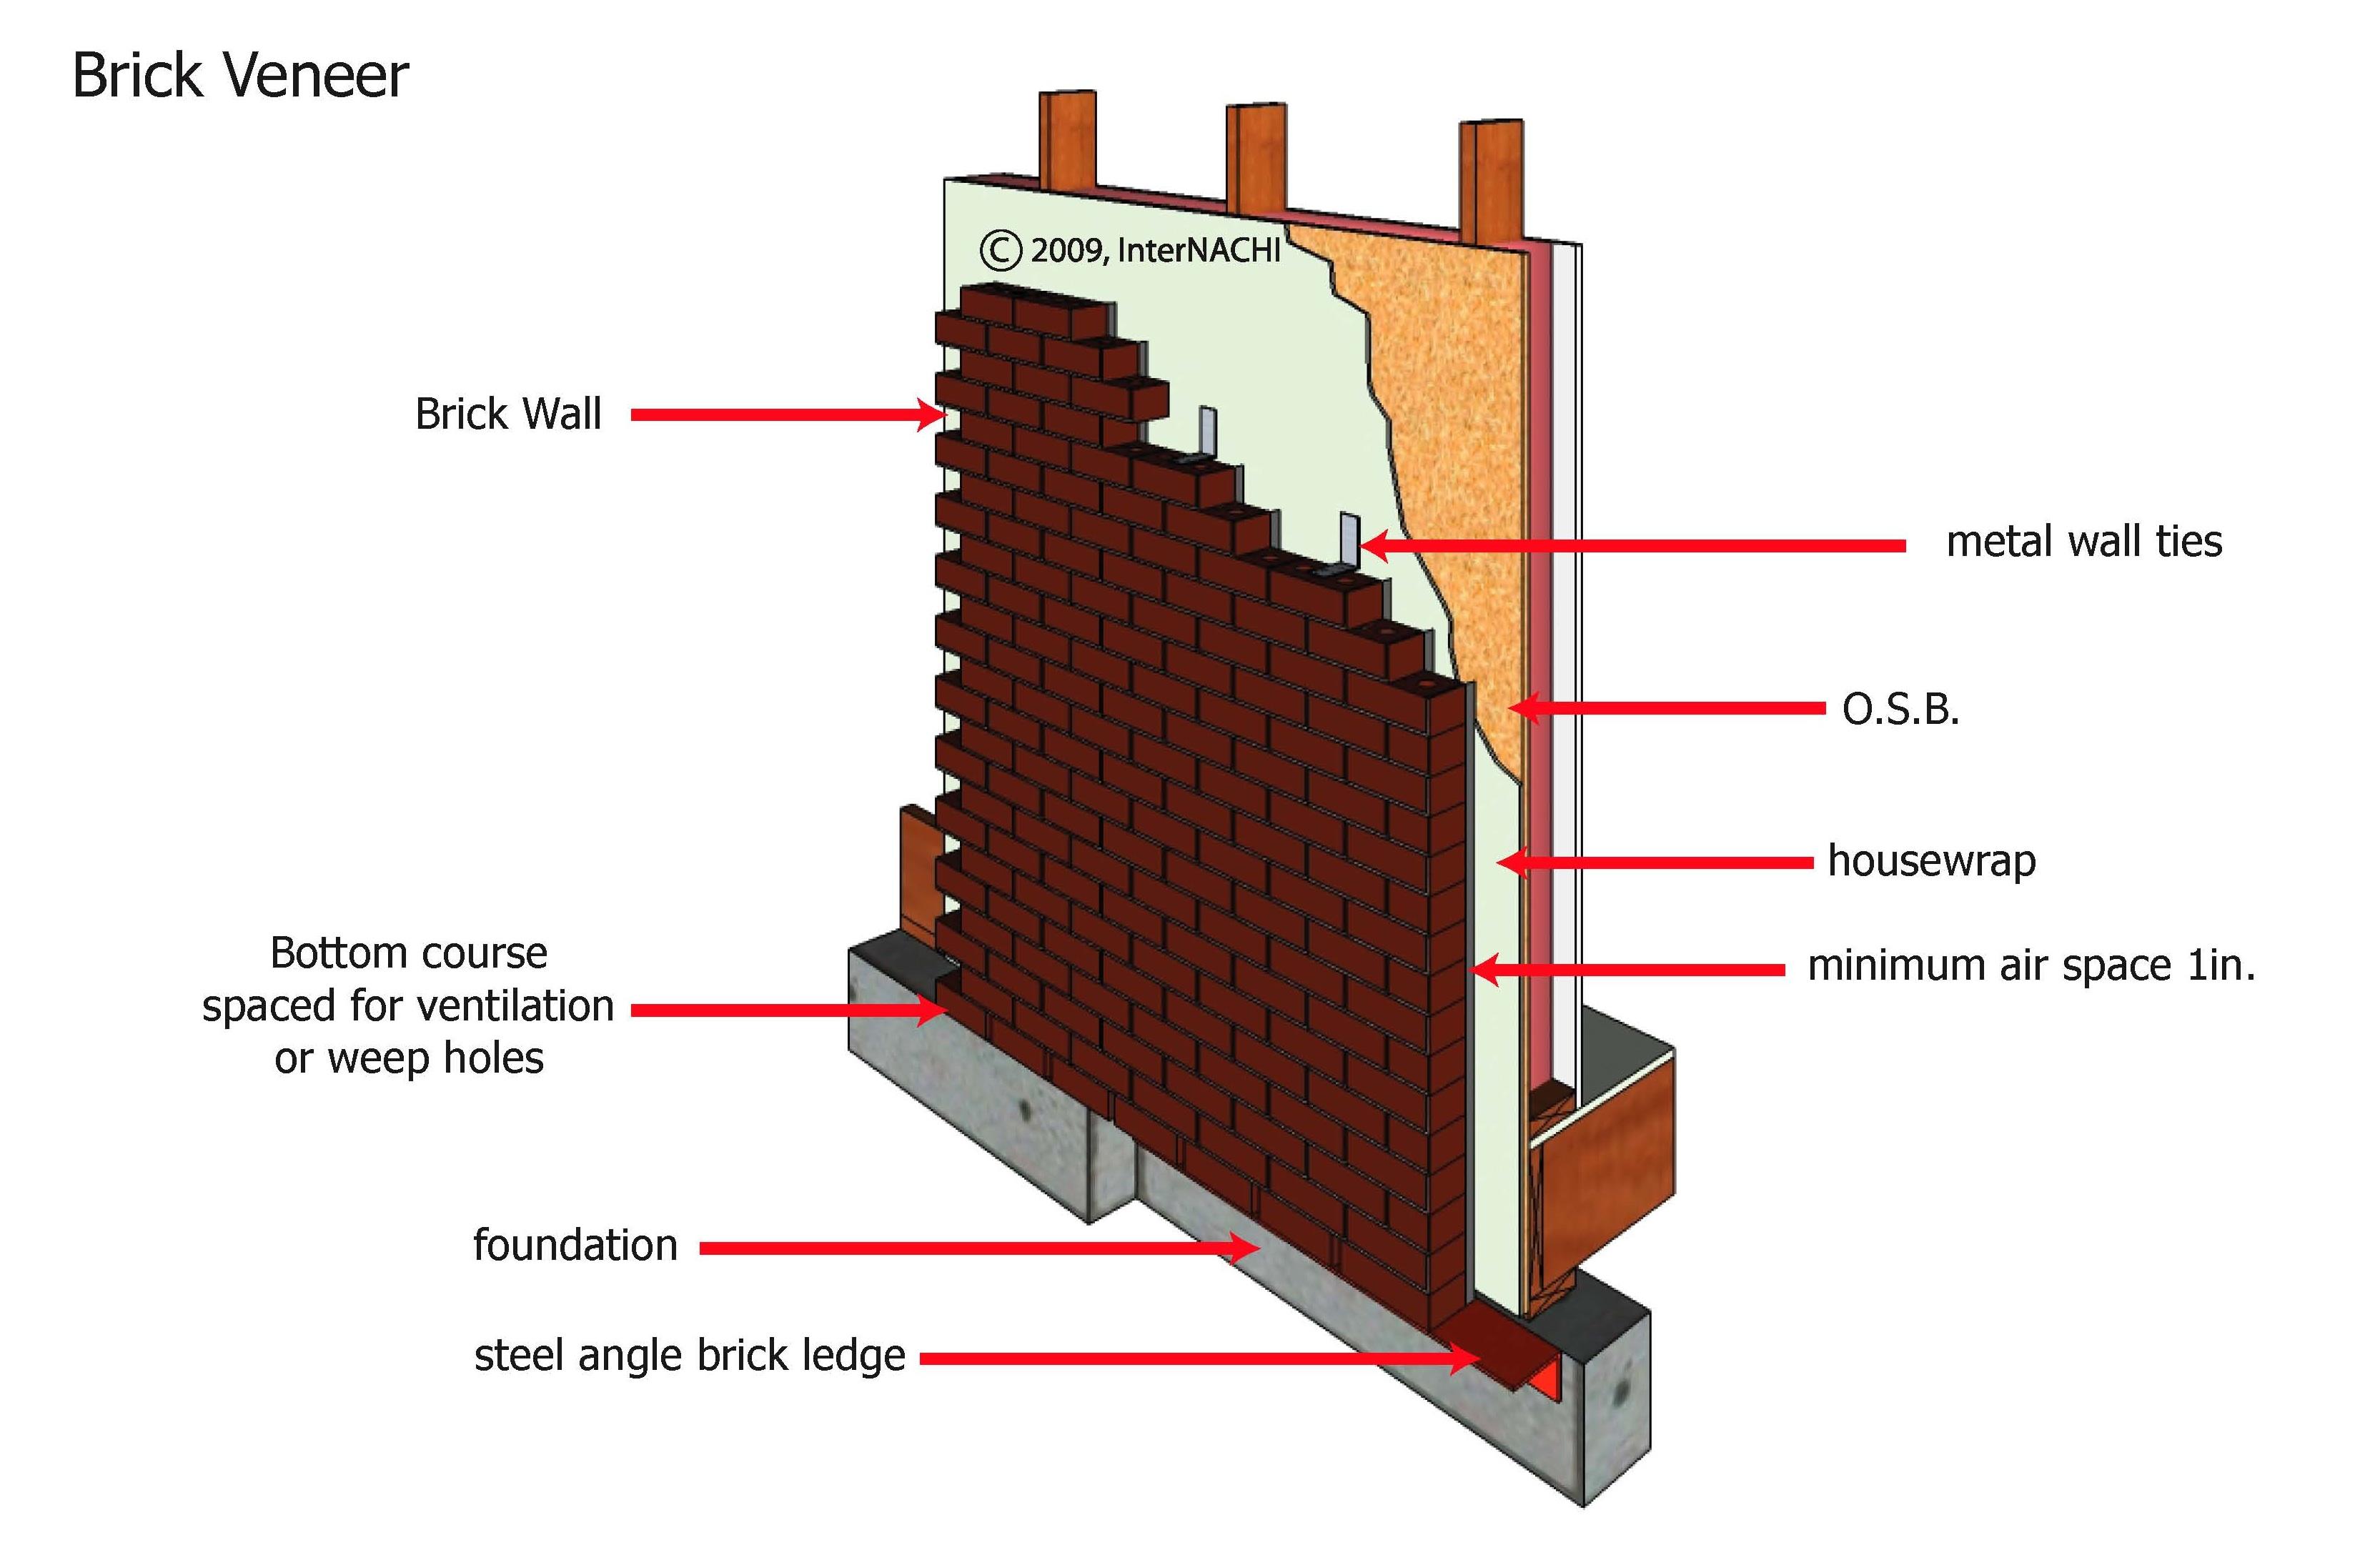 Brick veneer.